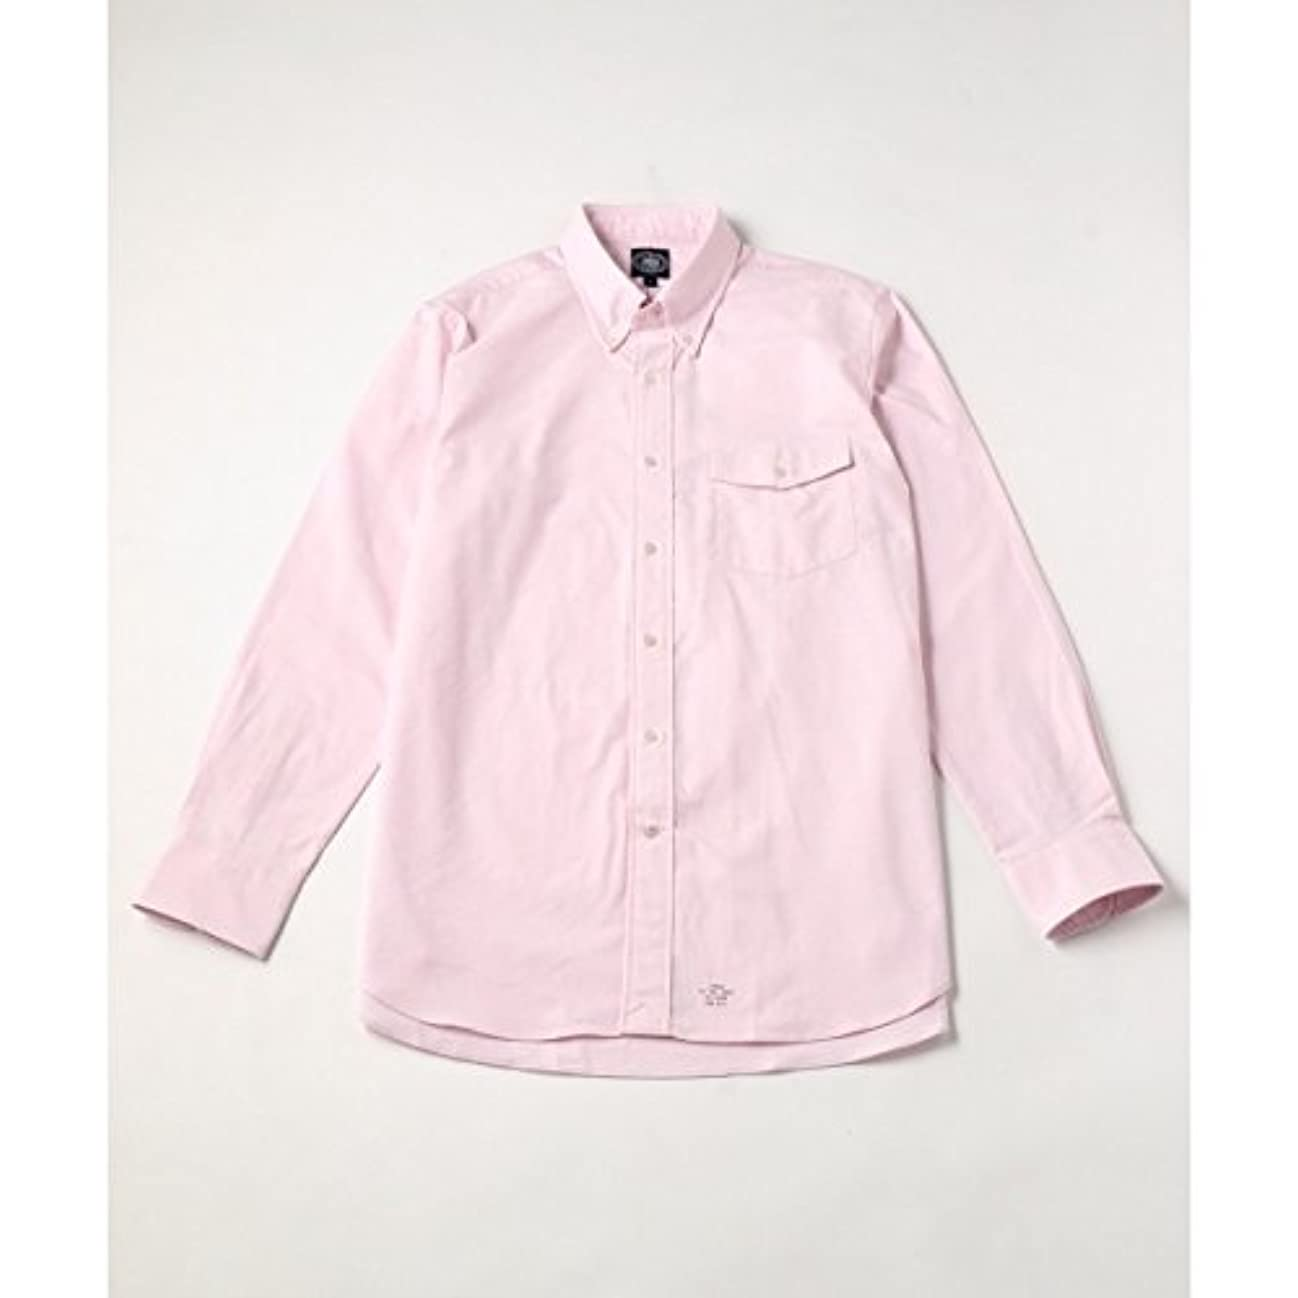 つかまえる消費ゆるくジェイ?プレス メン(J.PRESS MEN) 【キングサイズ】アービングBD シャツ【ピンク系/3L】